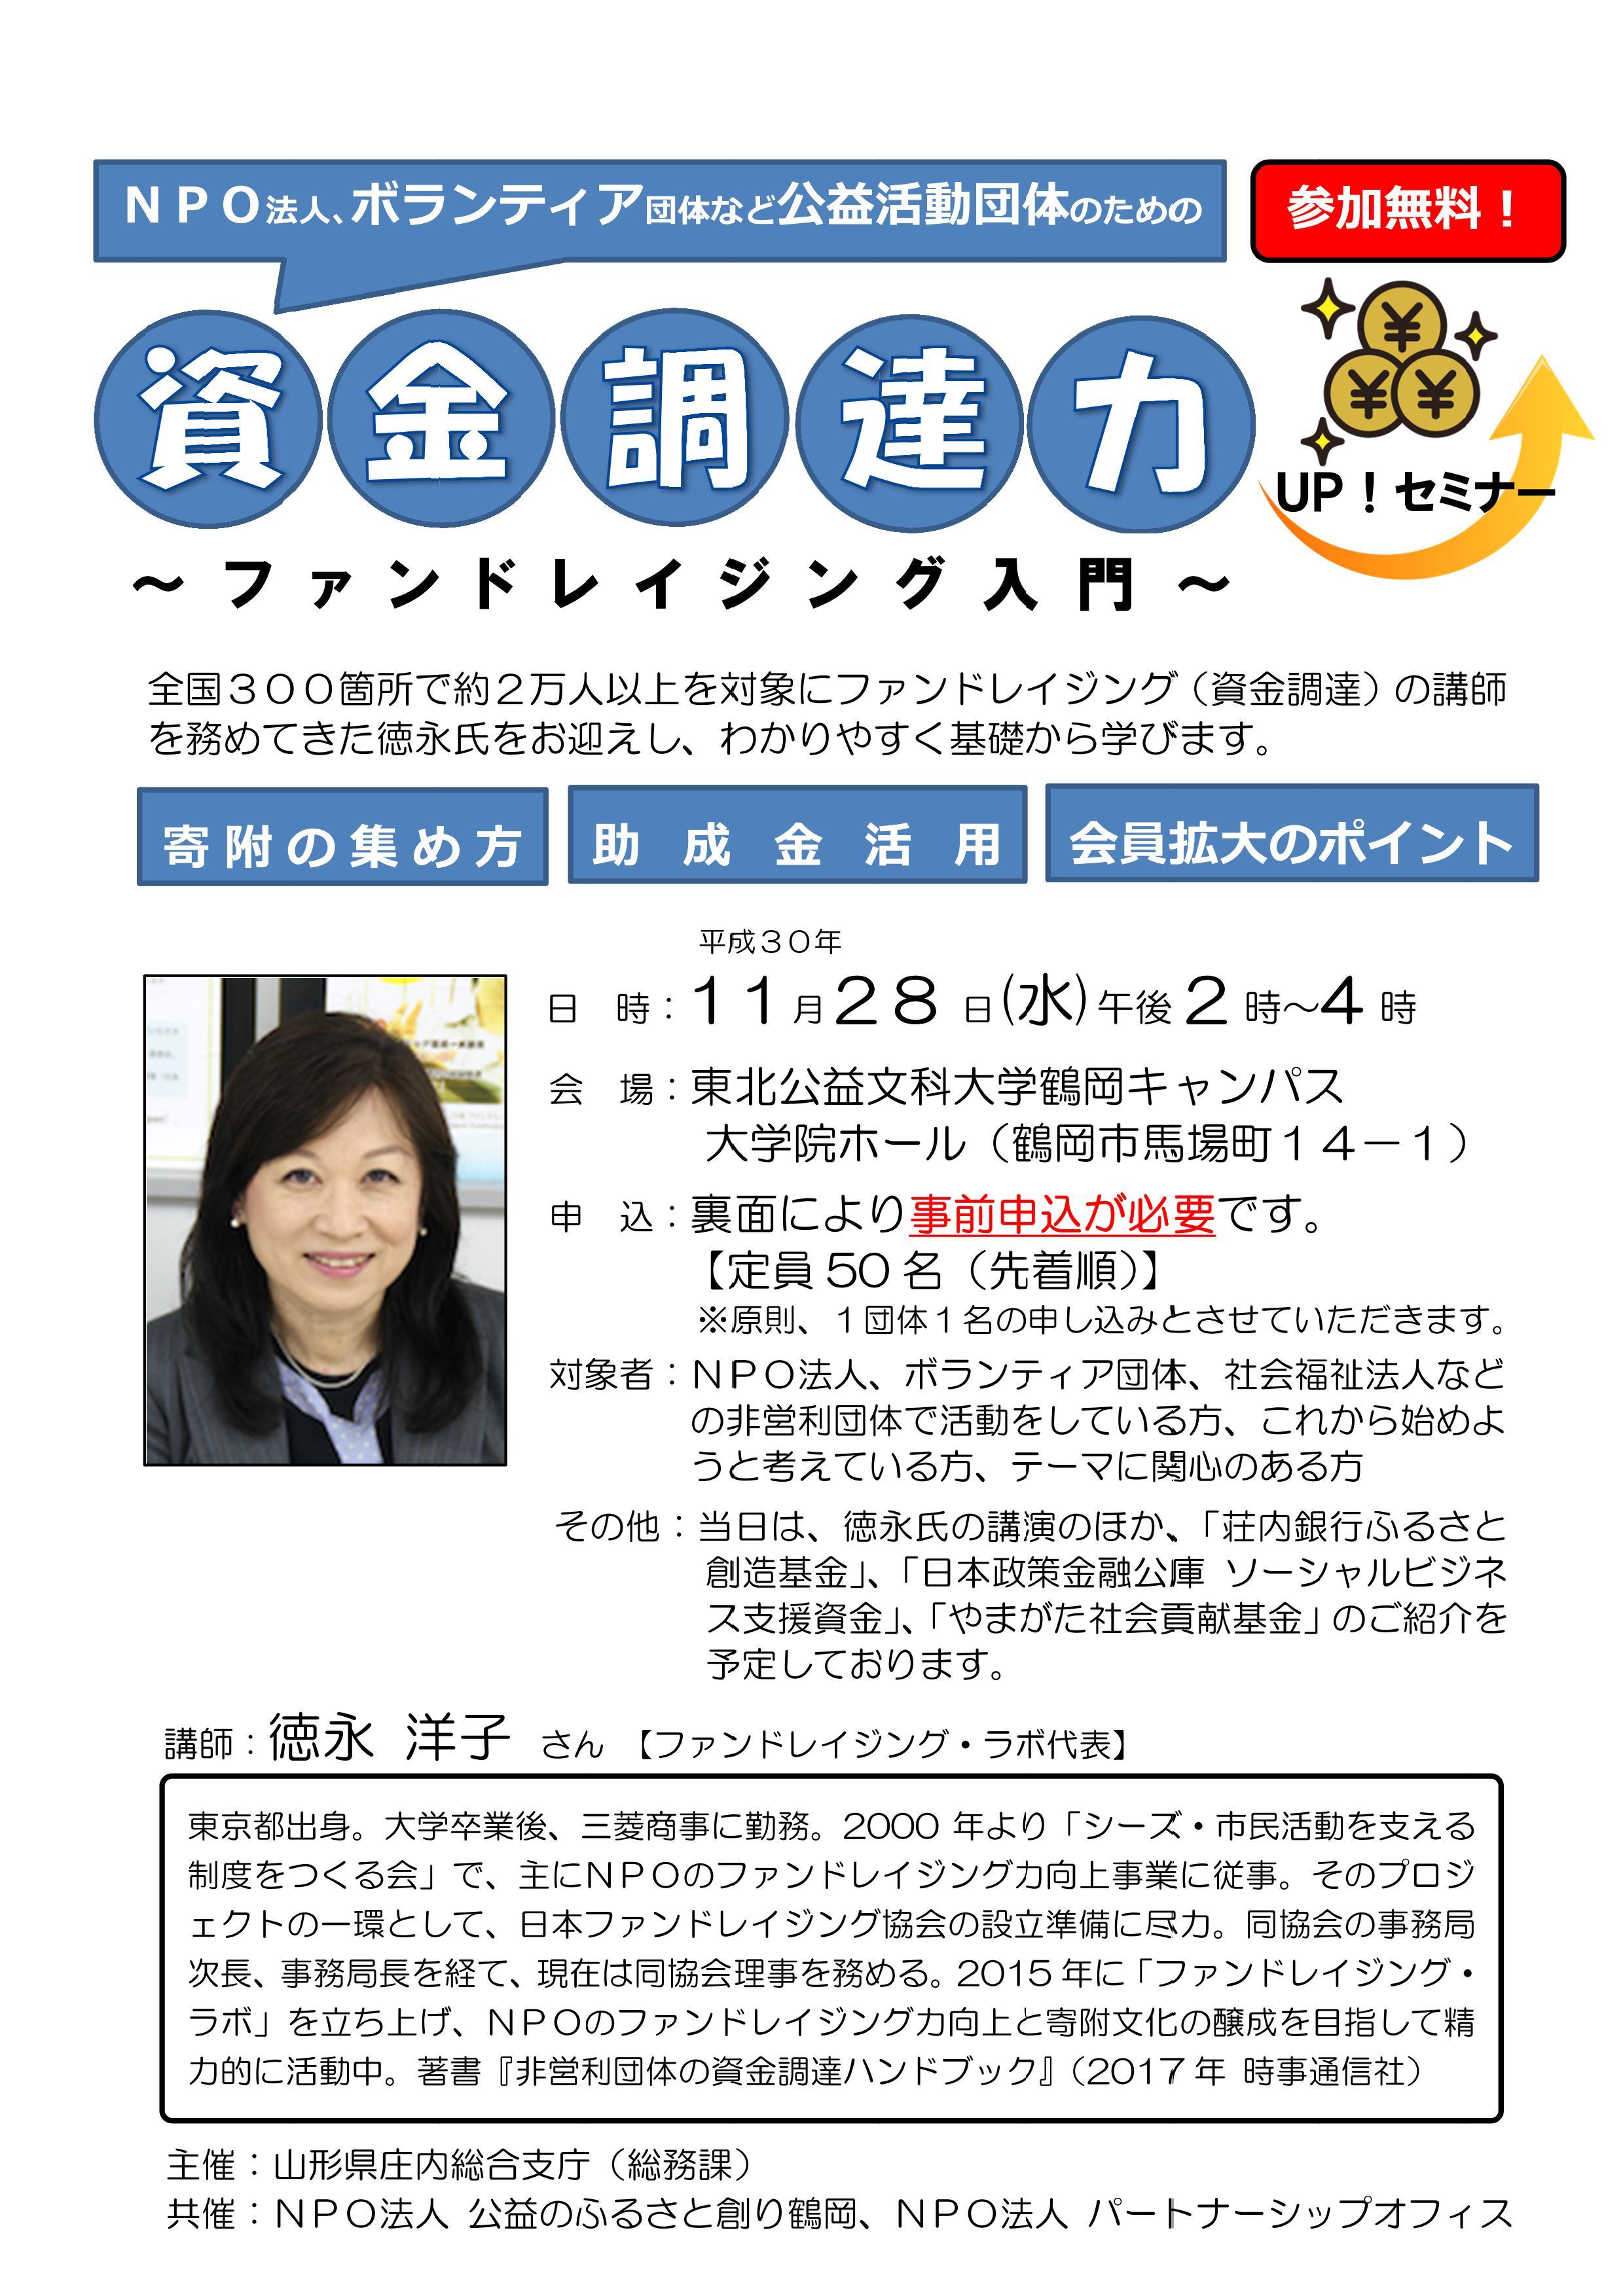 【募集】資金調達力アップセミナーのお知らせ